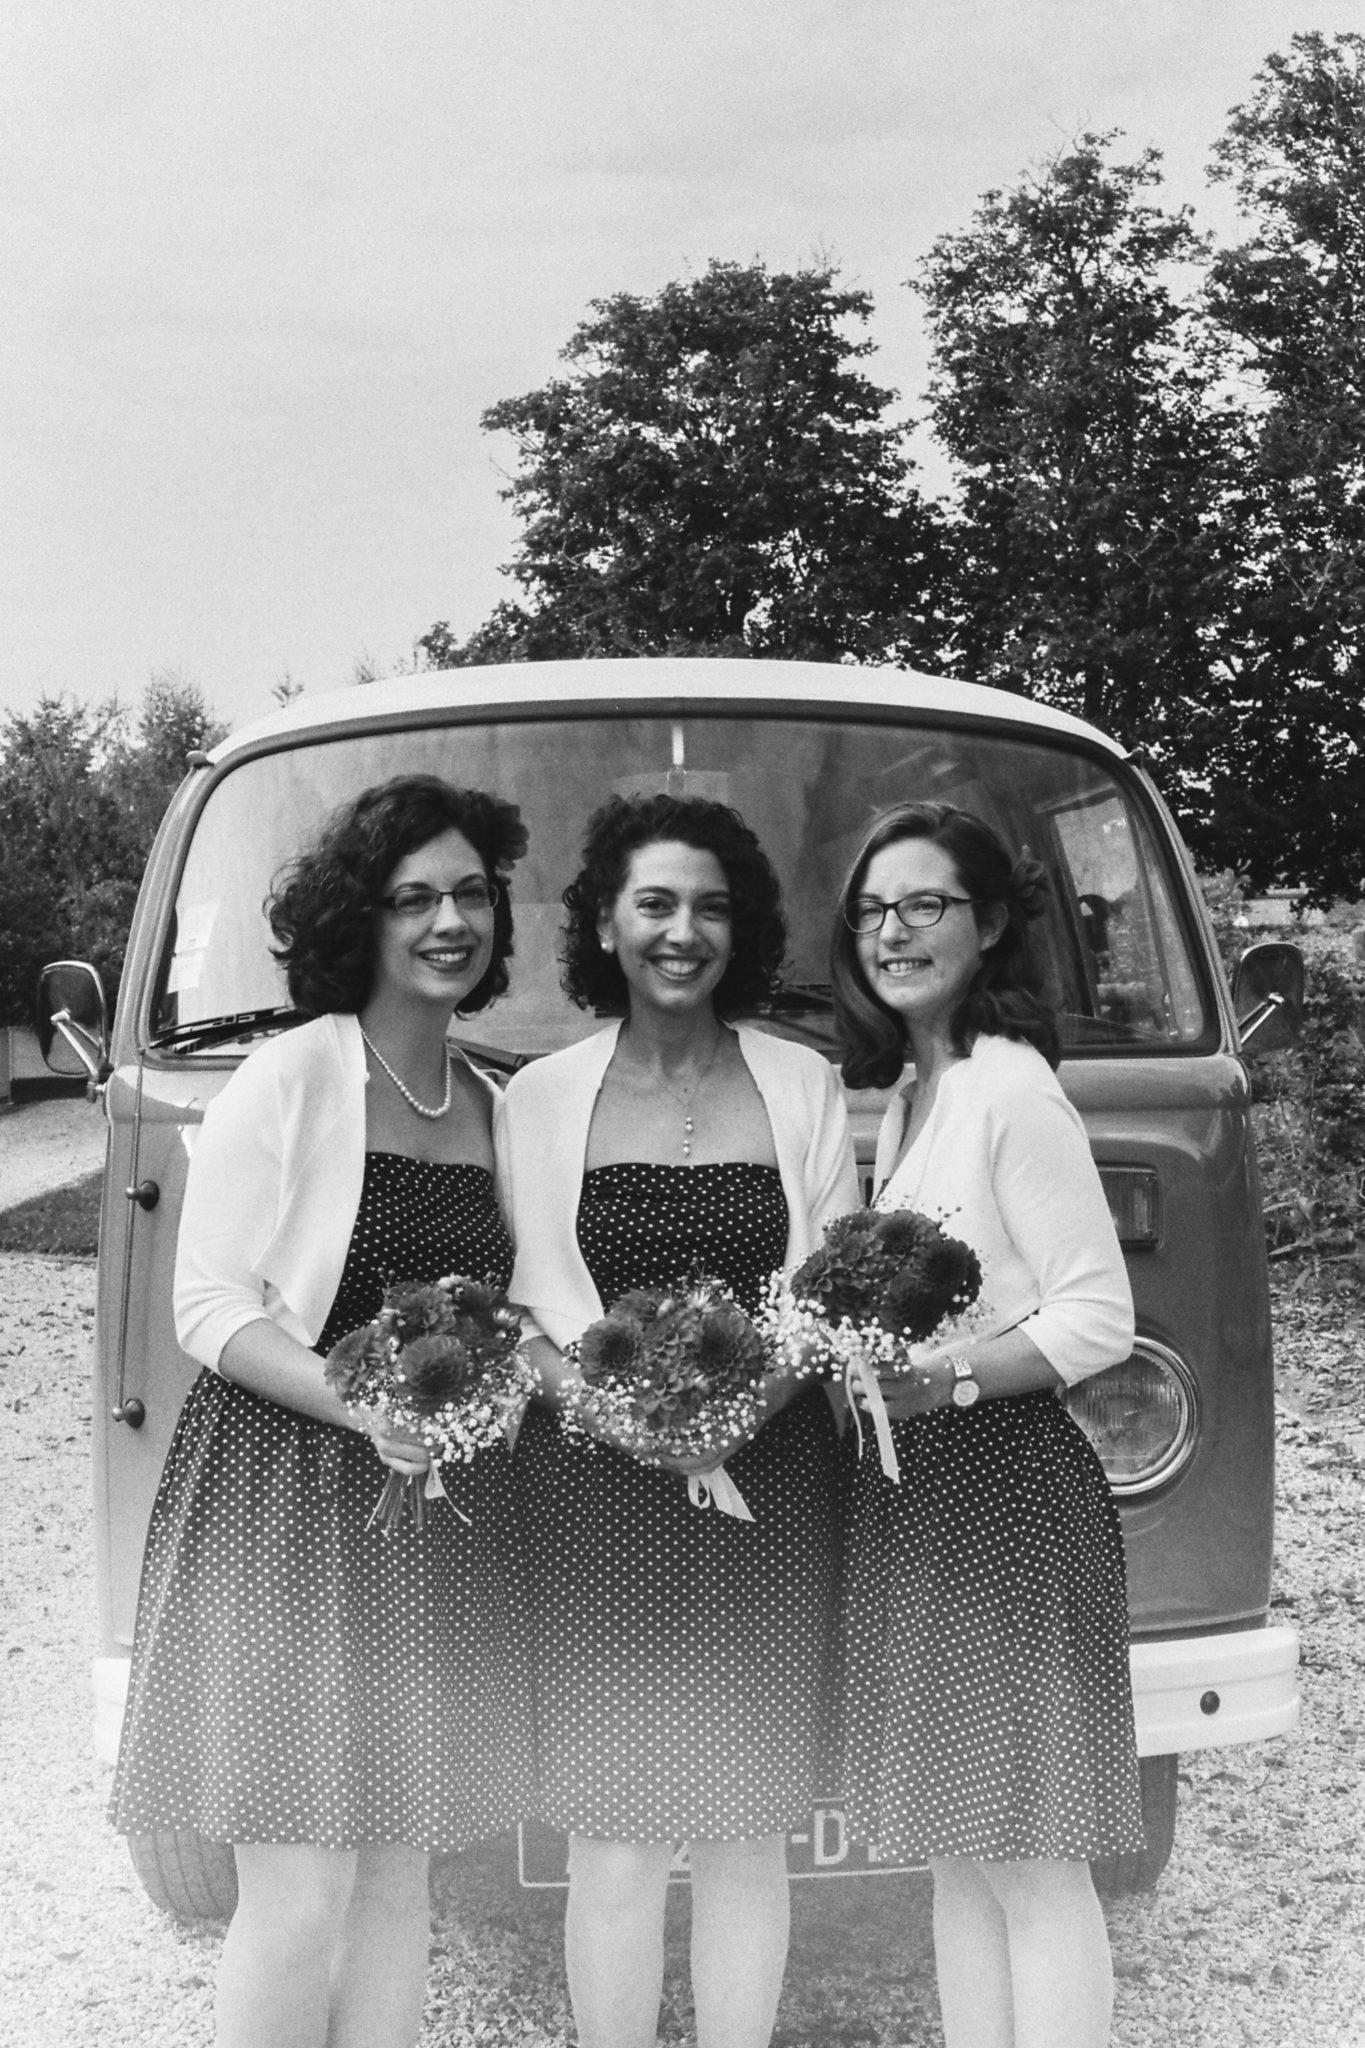 Portrait bridesmaids témoins robe noire pois blancs combi vw volkswagen vintage orange Mariage 50s Domaine Mauvoisin Lommoye